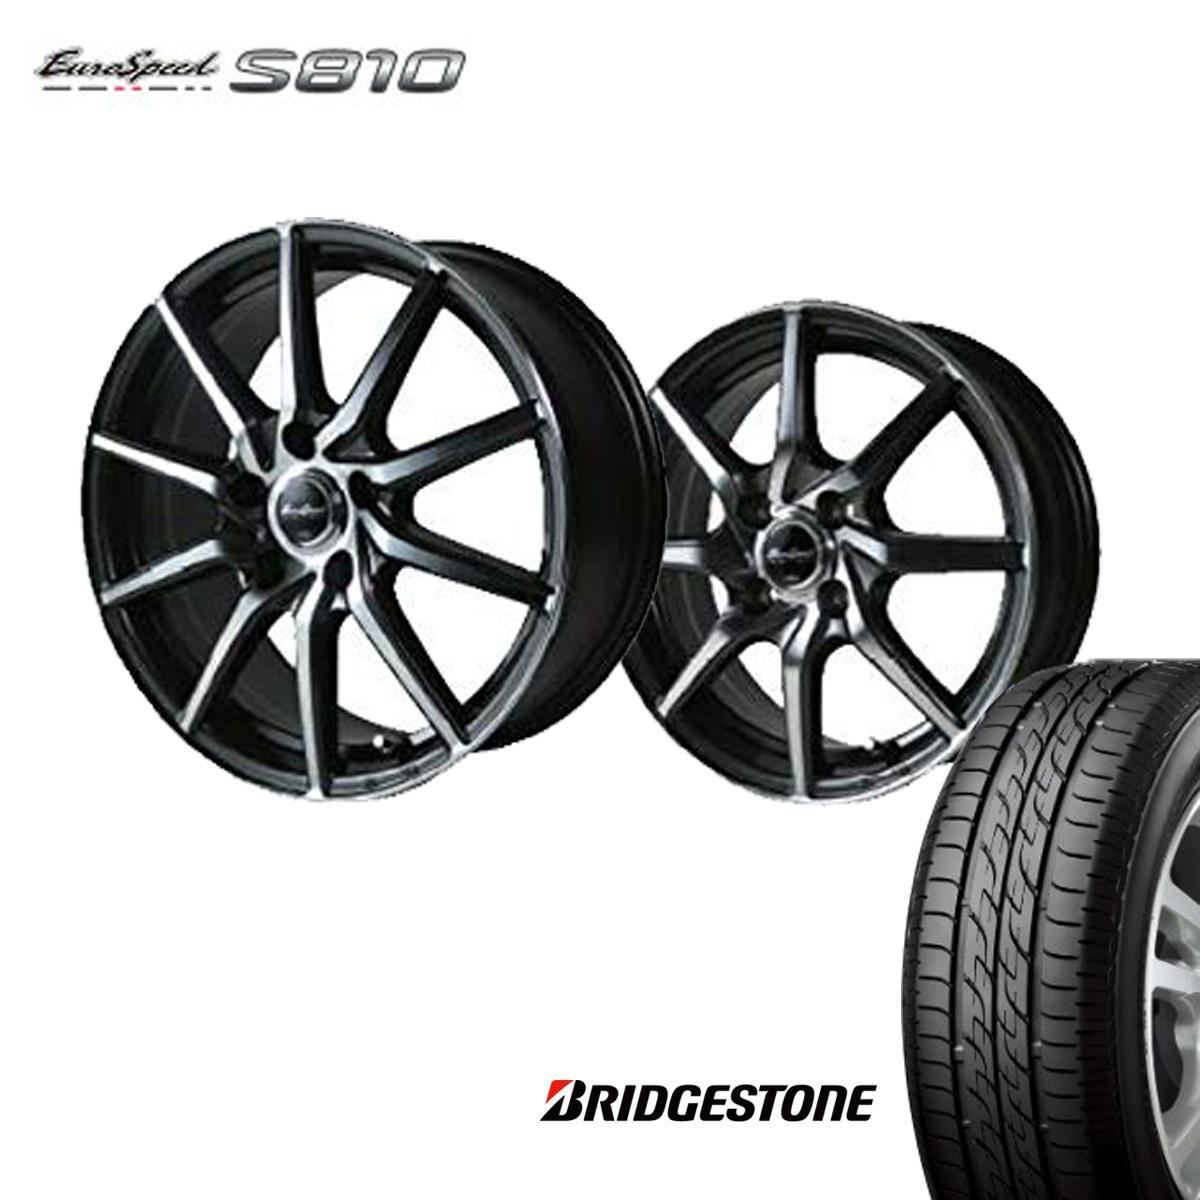 Euro Speed S810 タイヤ ホイール セット 4本 16インチ 5H114.3 6.5J+53 ユーロスピード S810 マナレイ スポーツ ブリヂストン 195/60R16 195 60 16